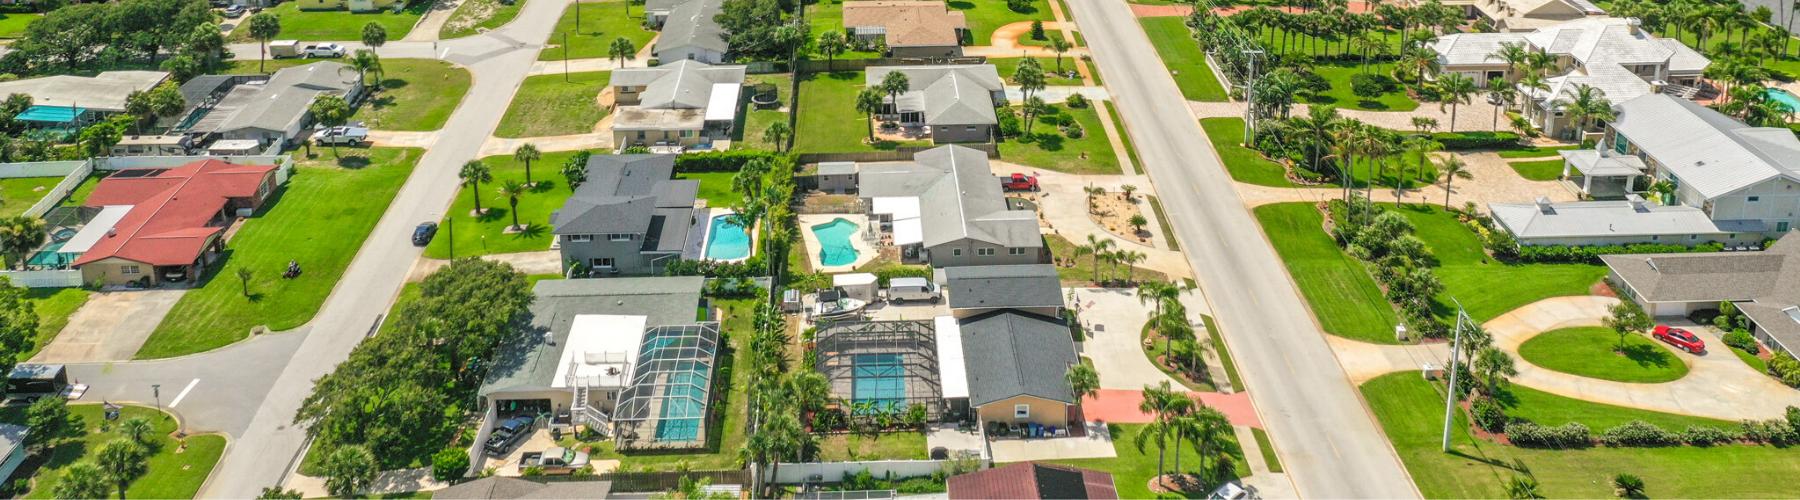 image of a neighborhood